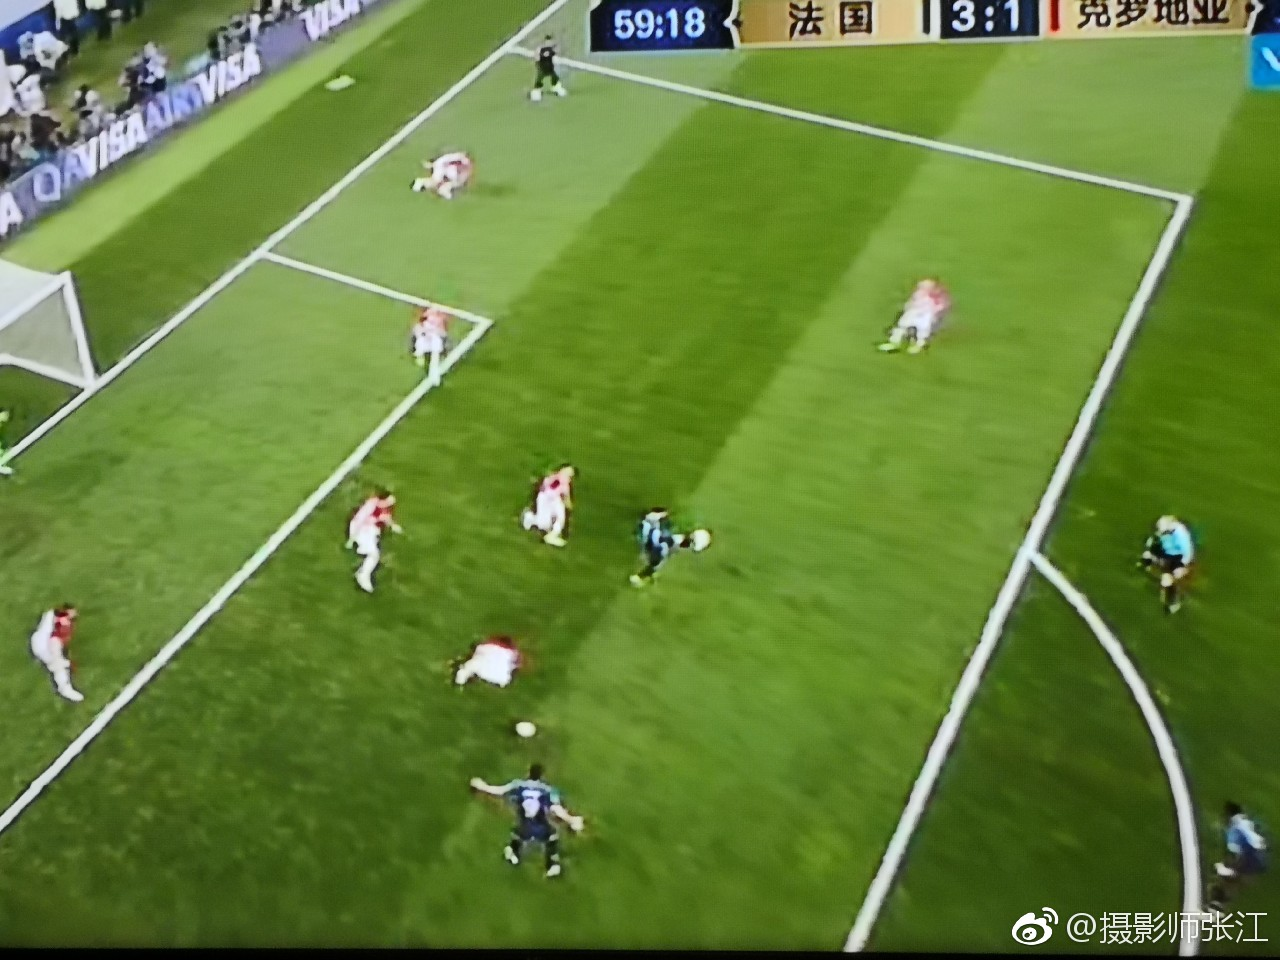 2018俄罗斯世界杯决赛,法国对阵克罗地亚,比赛进行到59分钟_新浪看点